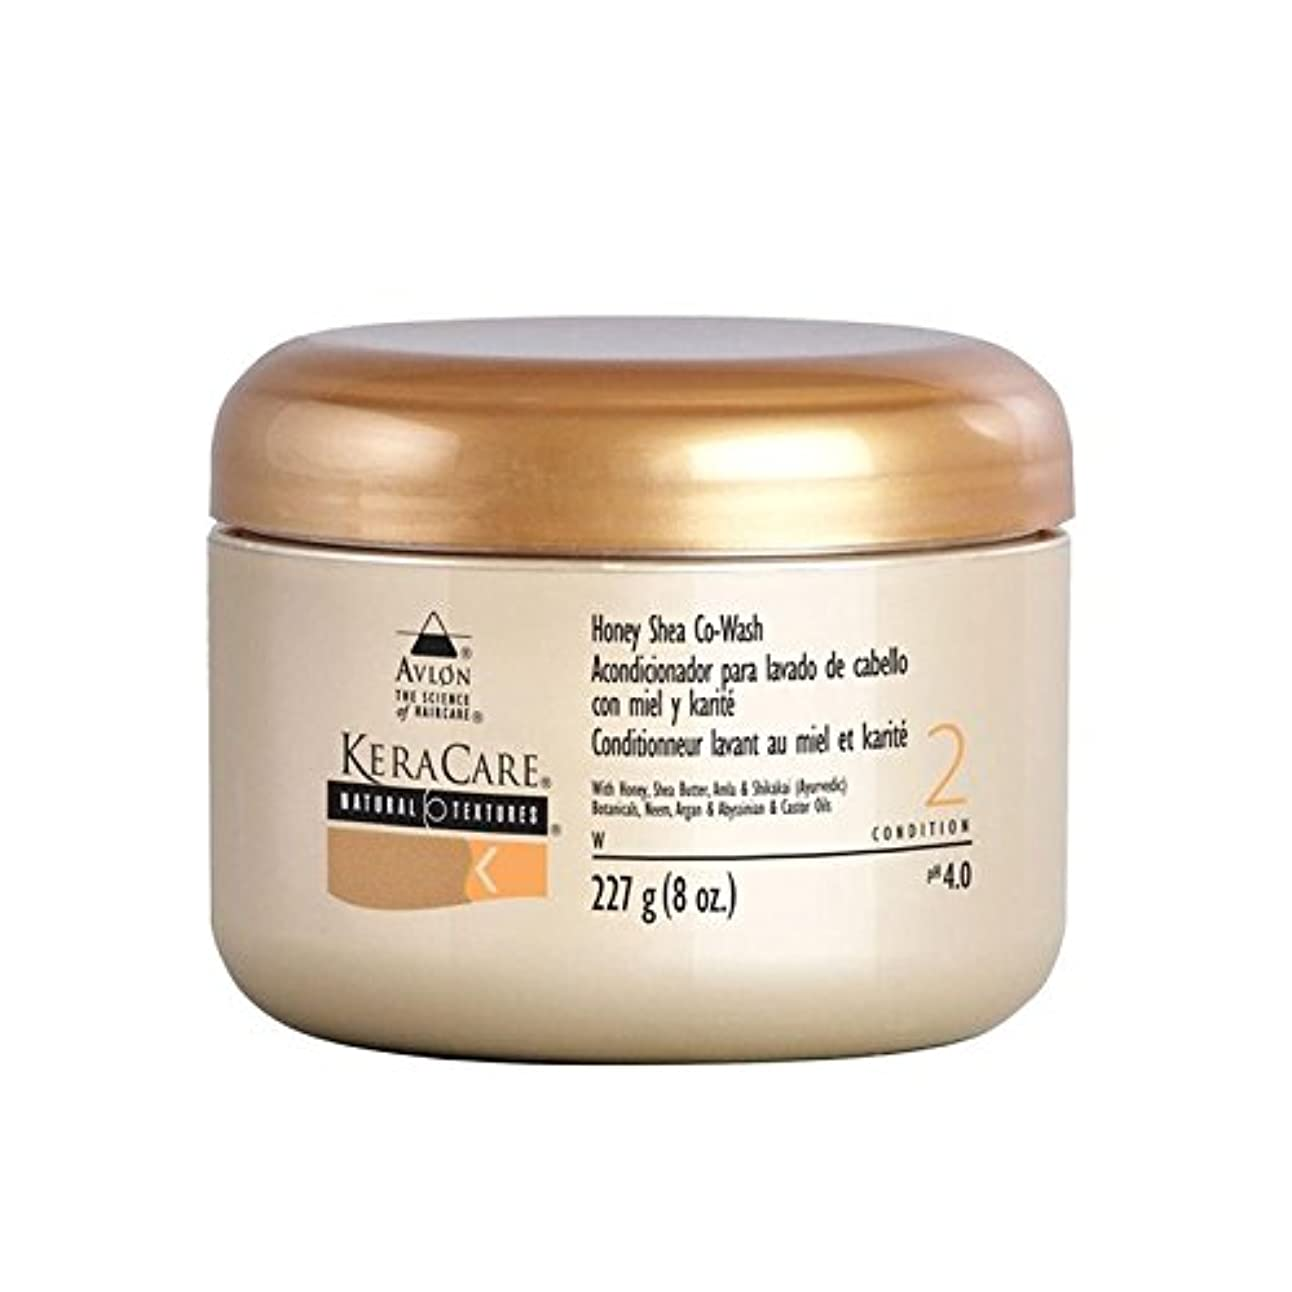 矩形倉庫増幅蜂蜜シアコウォッシュ x2 - Keracare Honey Shea Co-Wash (Pack of 2) [並行輸入品]